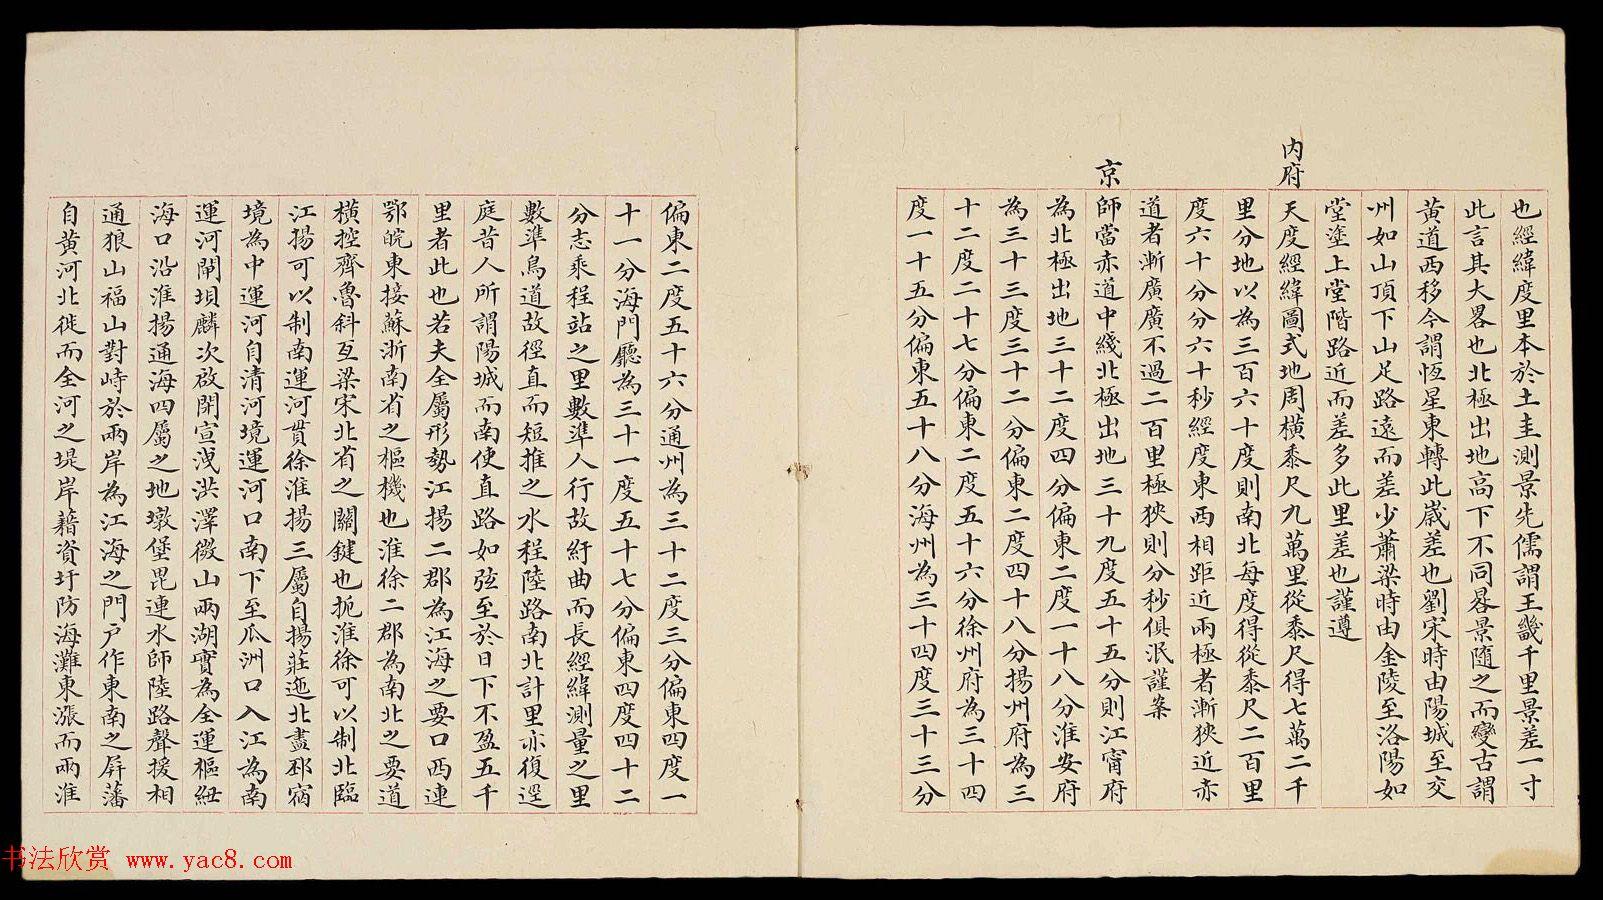 清代小楷手写本《江宁省州县图说》